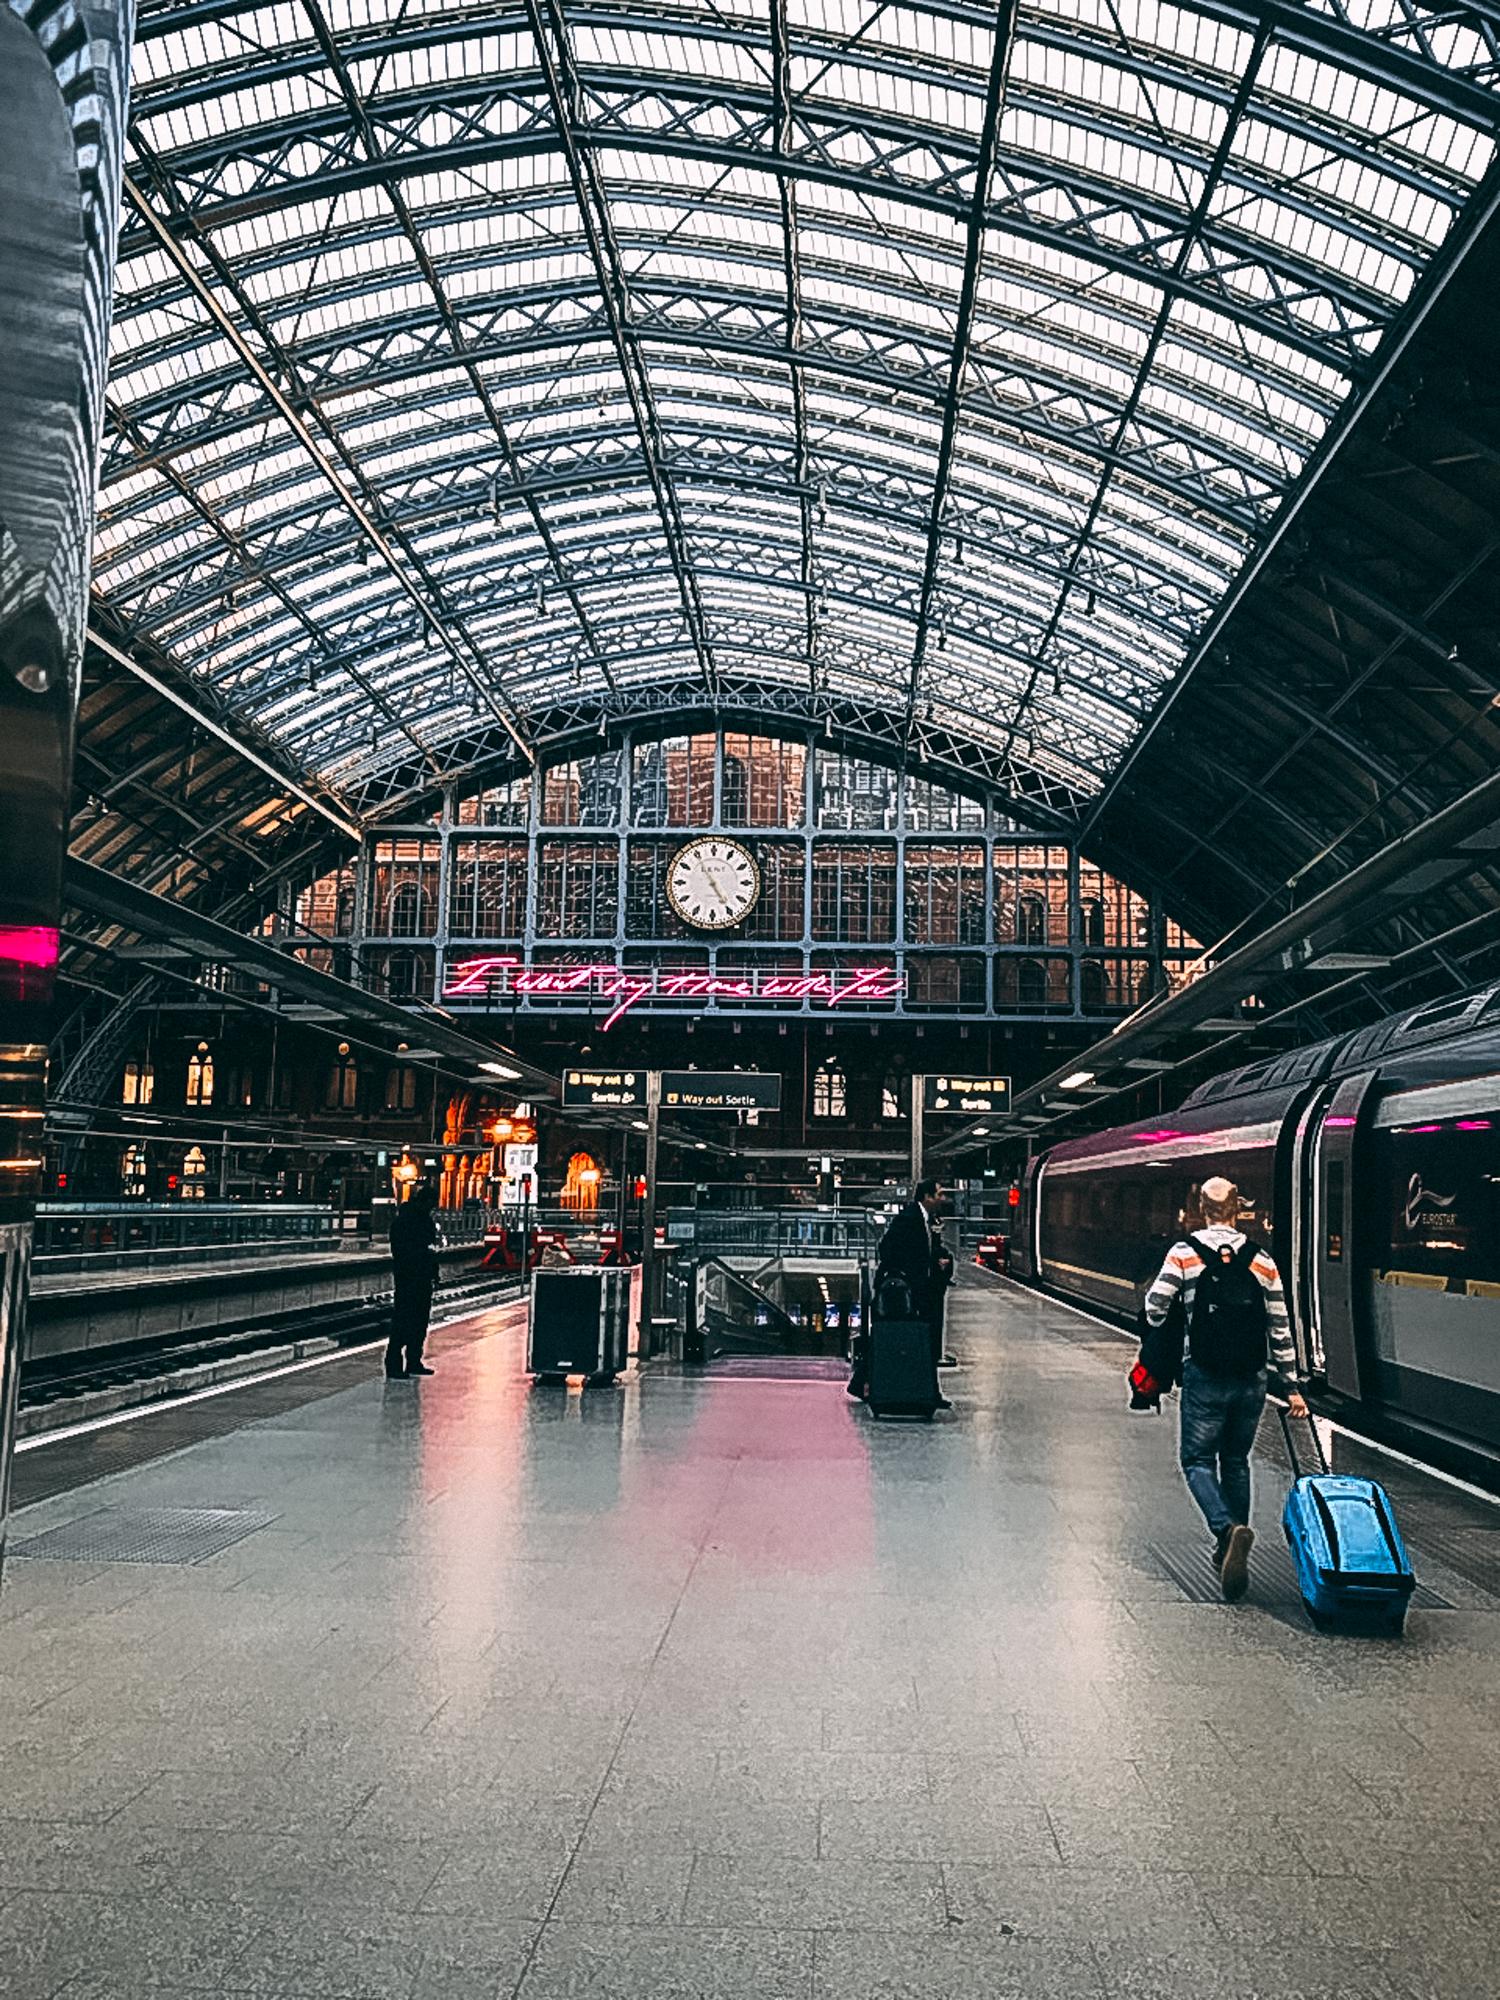 Eurostar to Amsterdam - Emma Inks